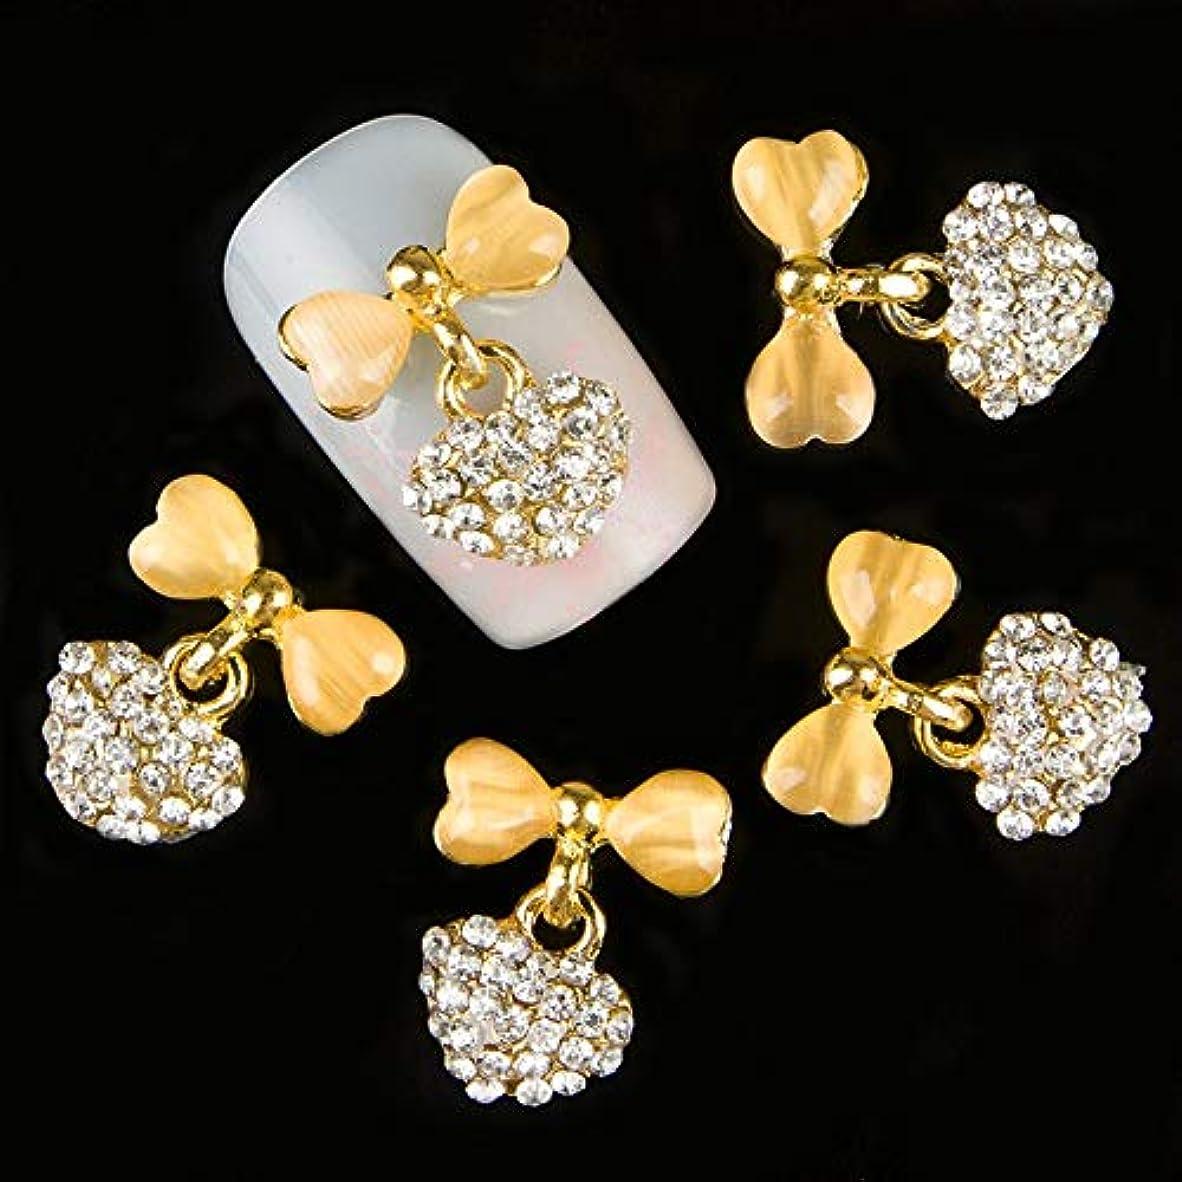 辞任パースブラックボロウメモ10個入りの3D金の弓のきらめき宝石装飾ネイルアートのヒントデコレーションネイルスタッズラインストーン